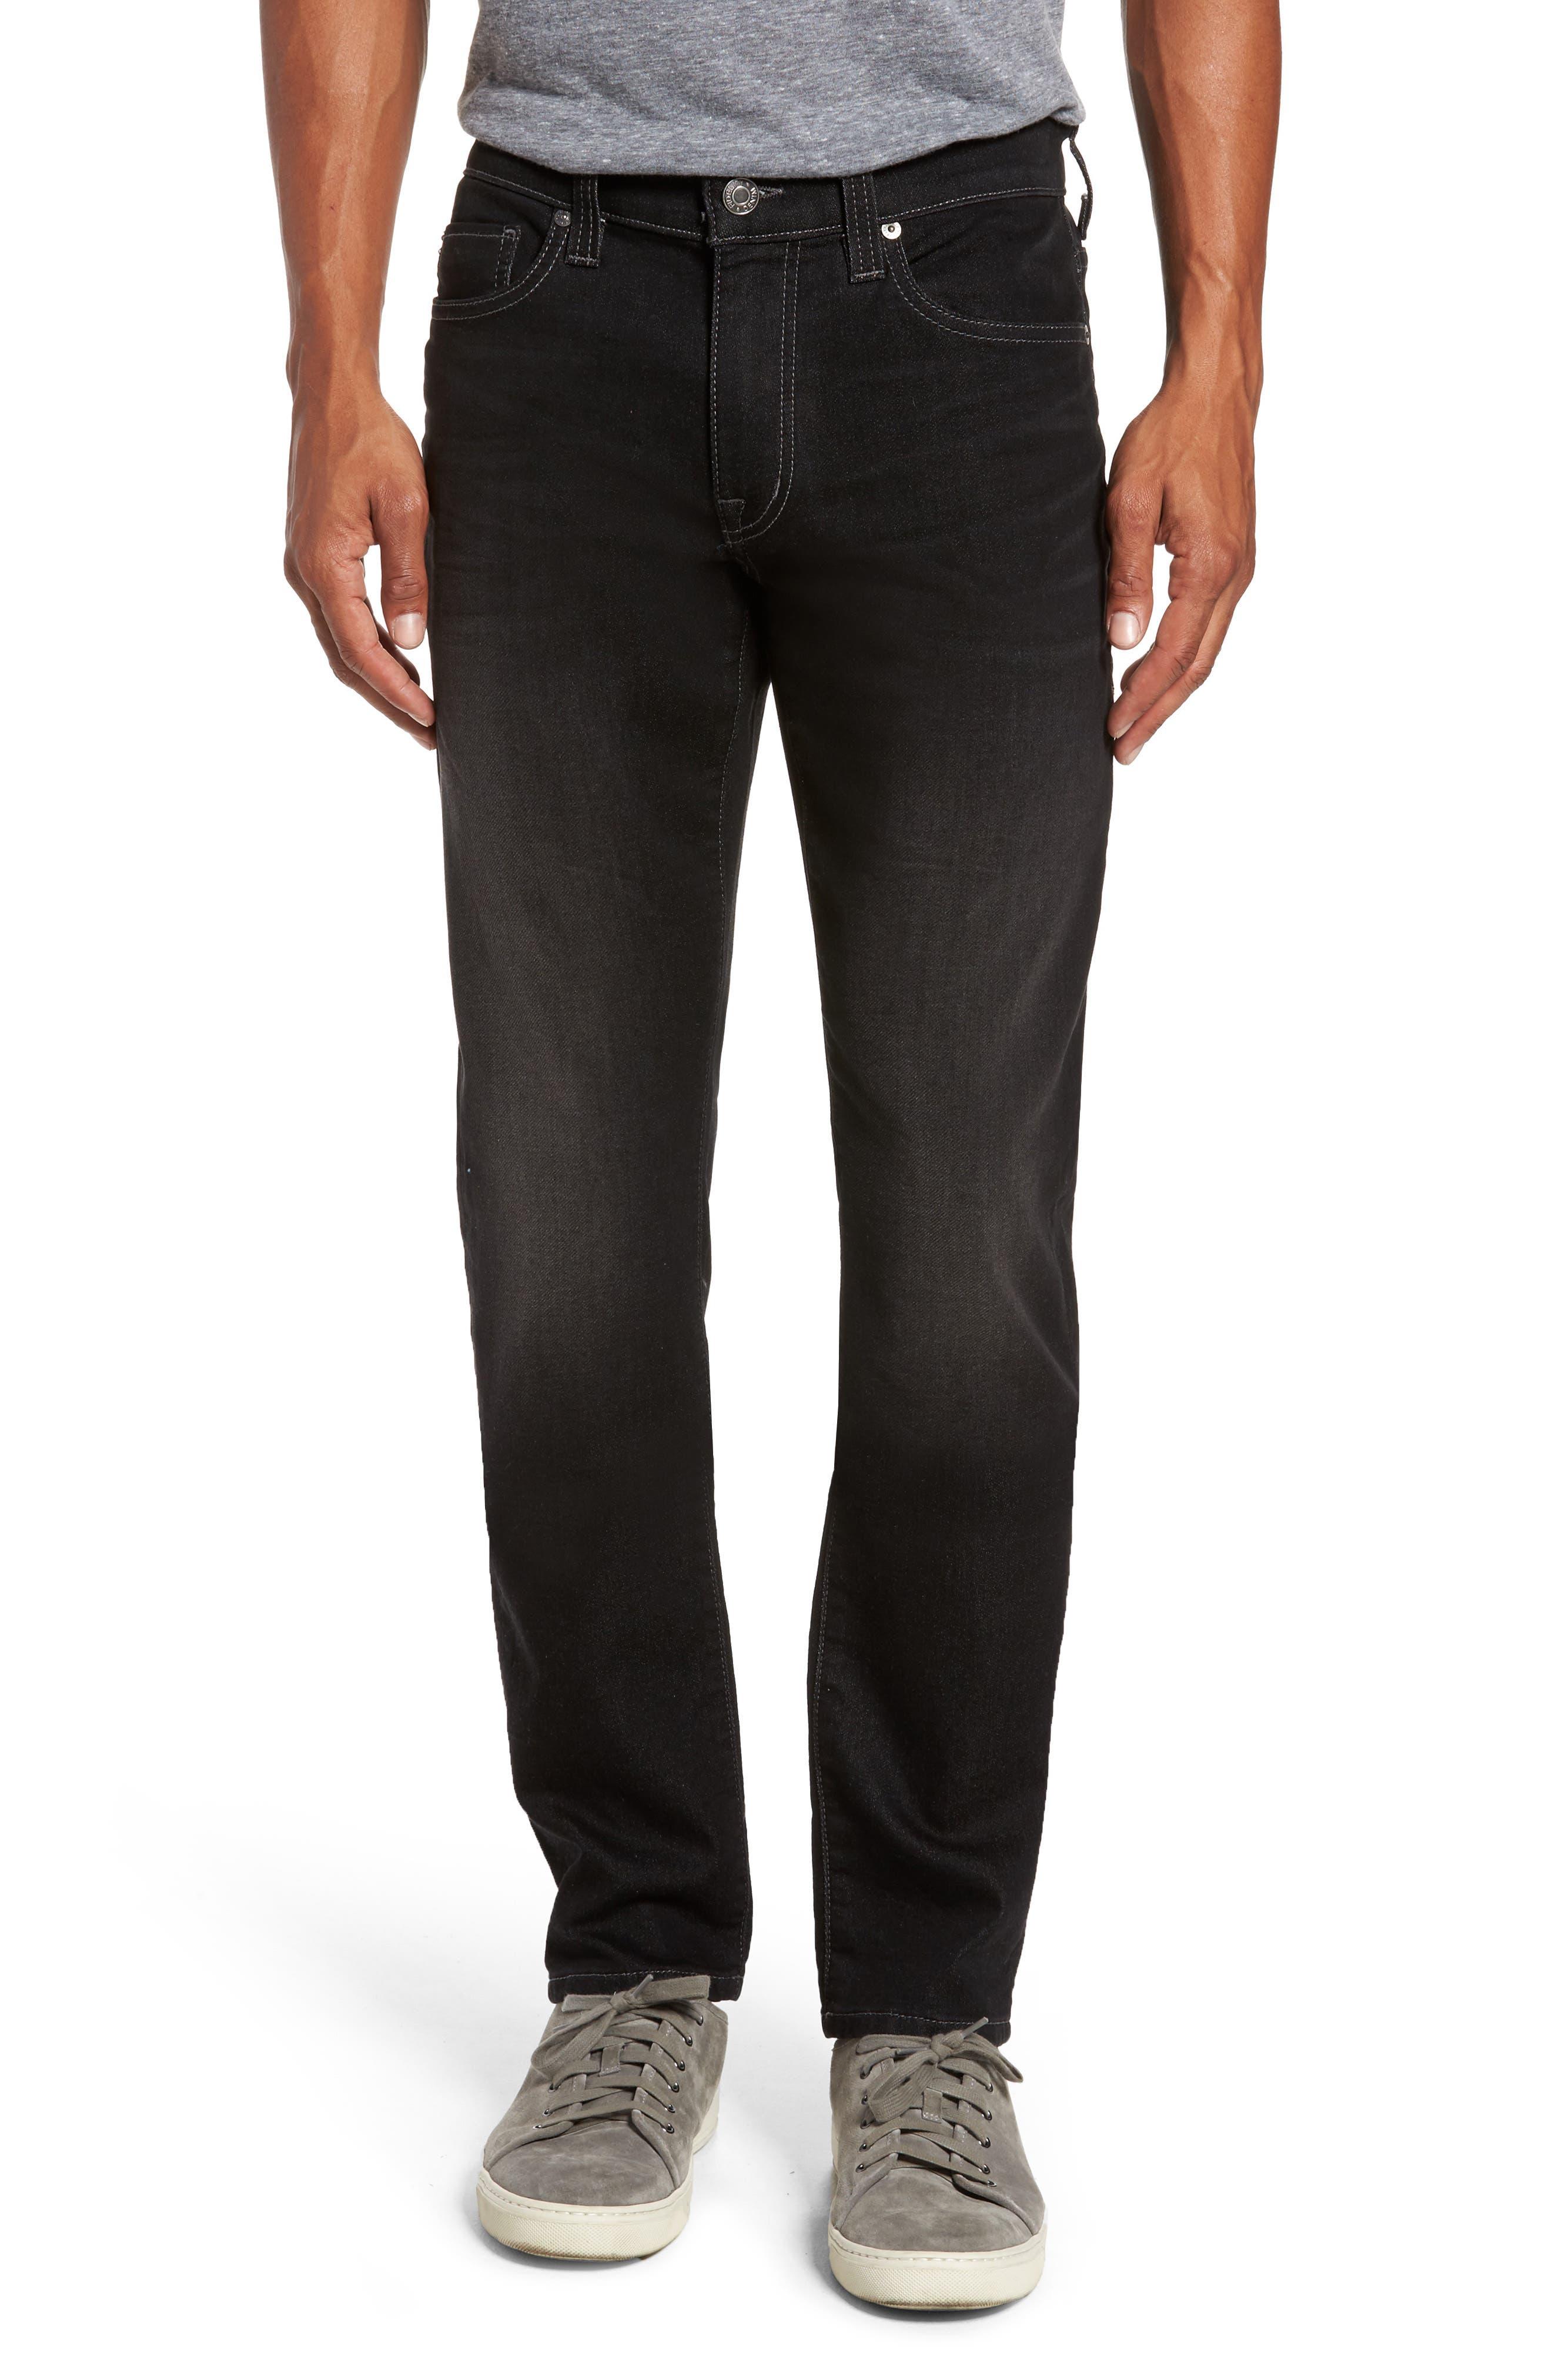 Torino Slim Fit Jeans,                             Main thumbnail 1, color,                             Oxy Black On Black